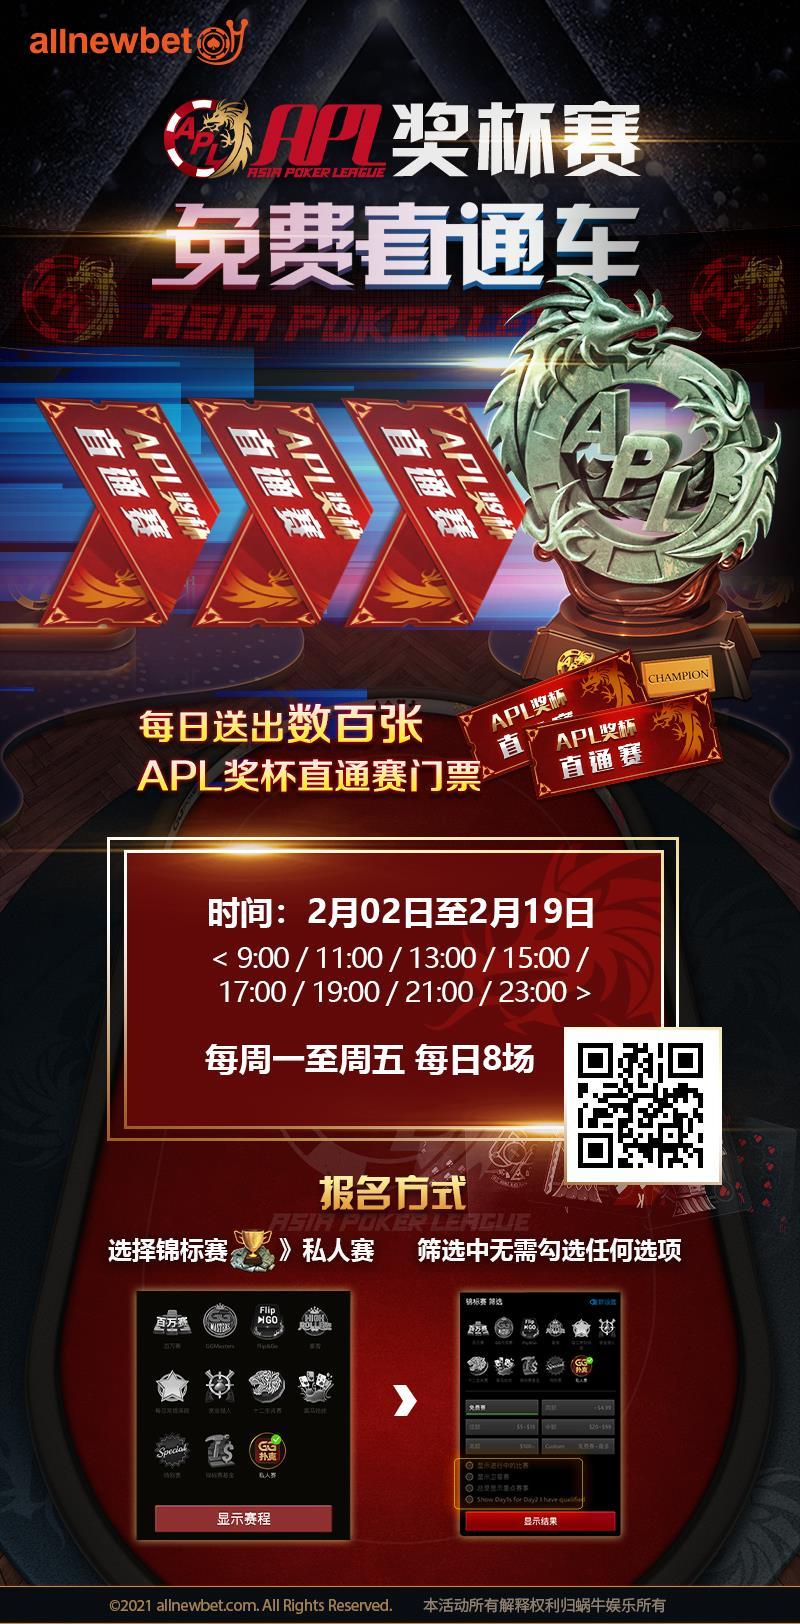 【蜗牛扑克】亚洲扑克联盟杯2月1日强势来袭 全国争霸谁与争锋